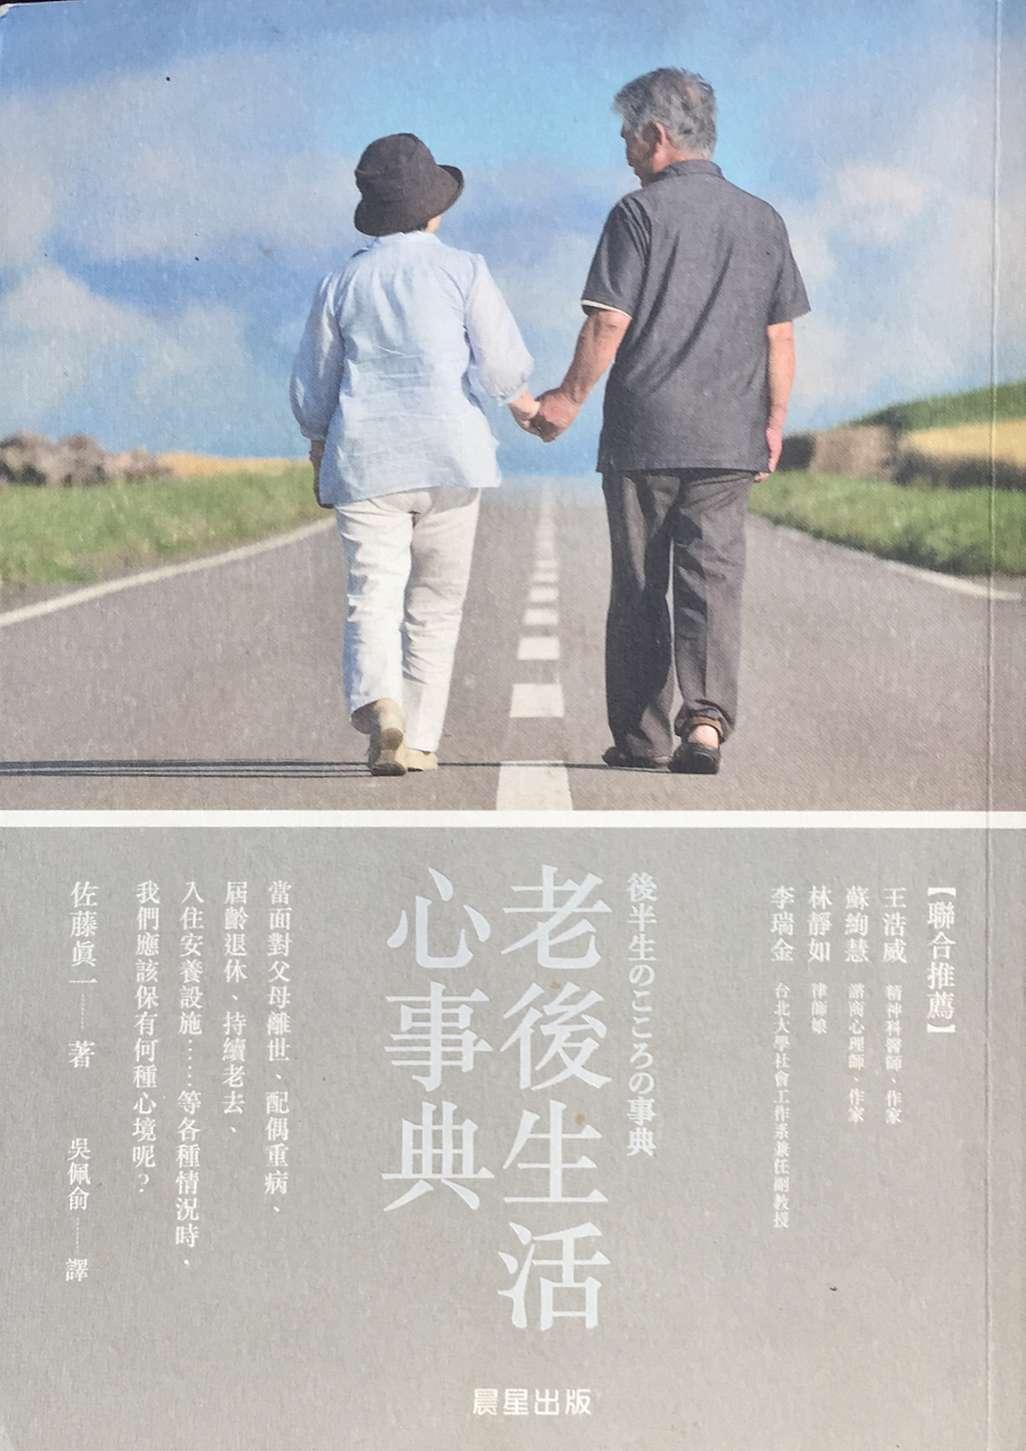 李全賢 下流老人 - 安可人生雜誌